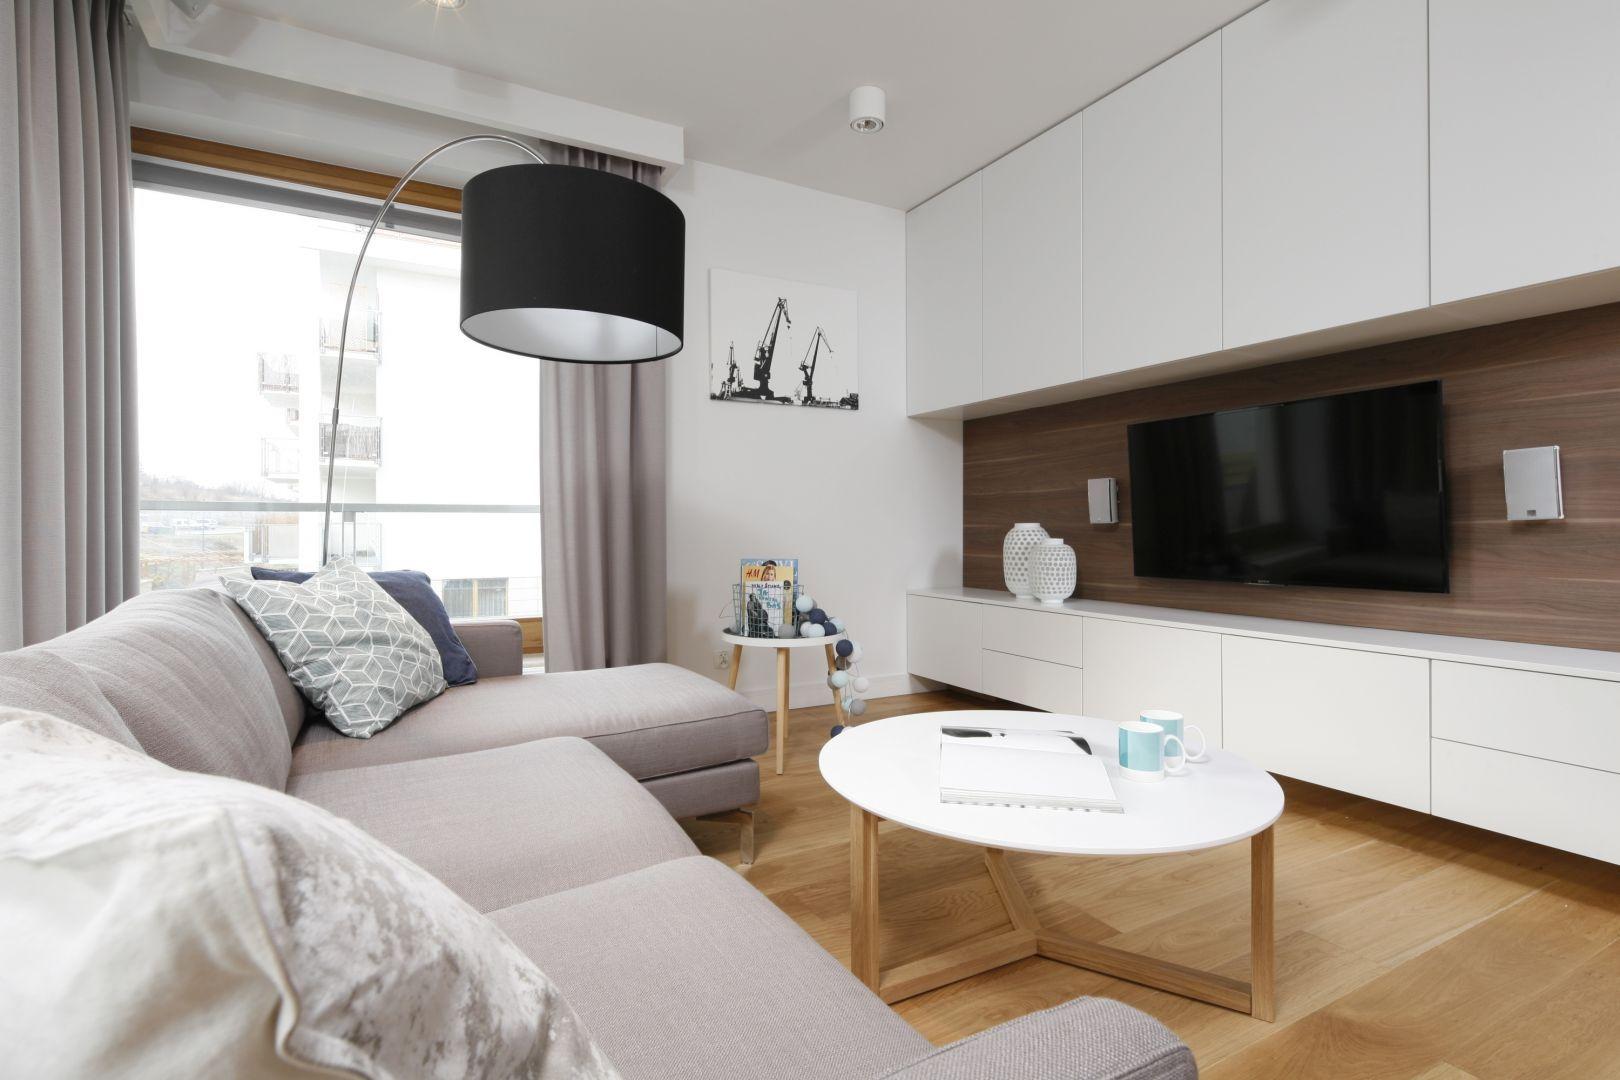 Szafka pod telewizor w salonie jest częścią białej zabudowy, która oferuje dużo miejsca na przechowywanie. Projekt: Przemysław Kuśmierek. Fot. Bartosz Jarosz